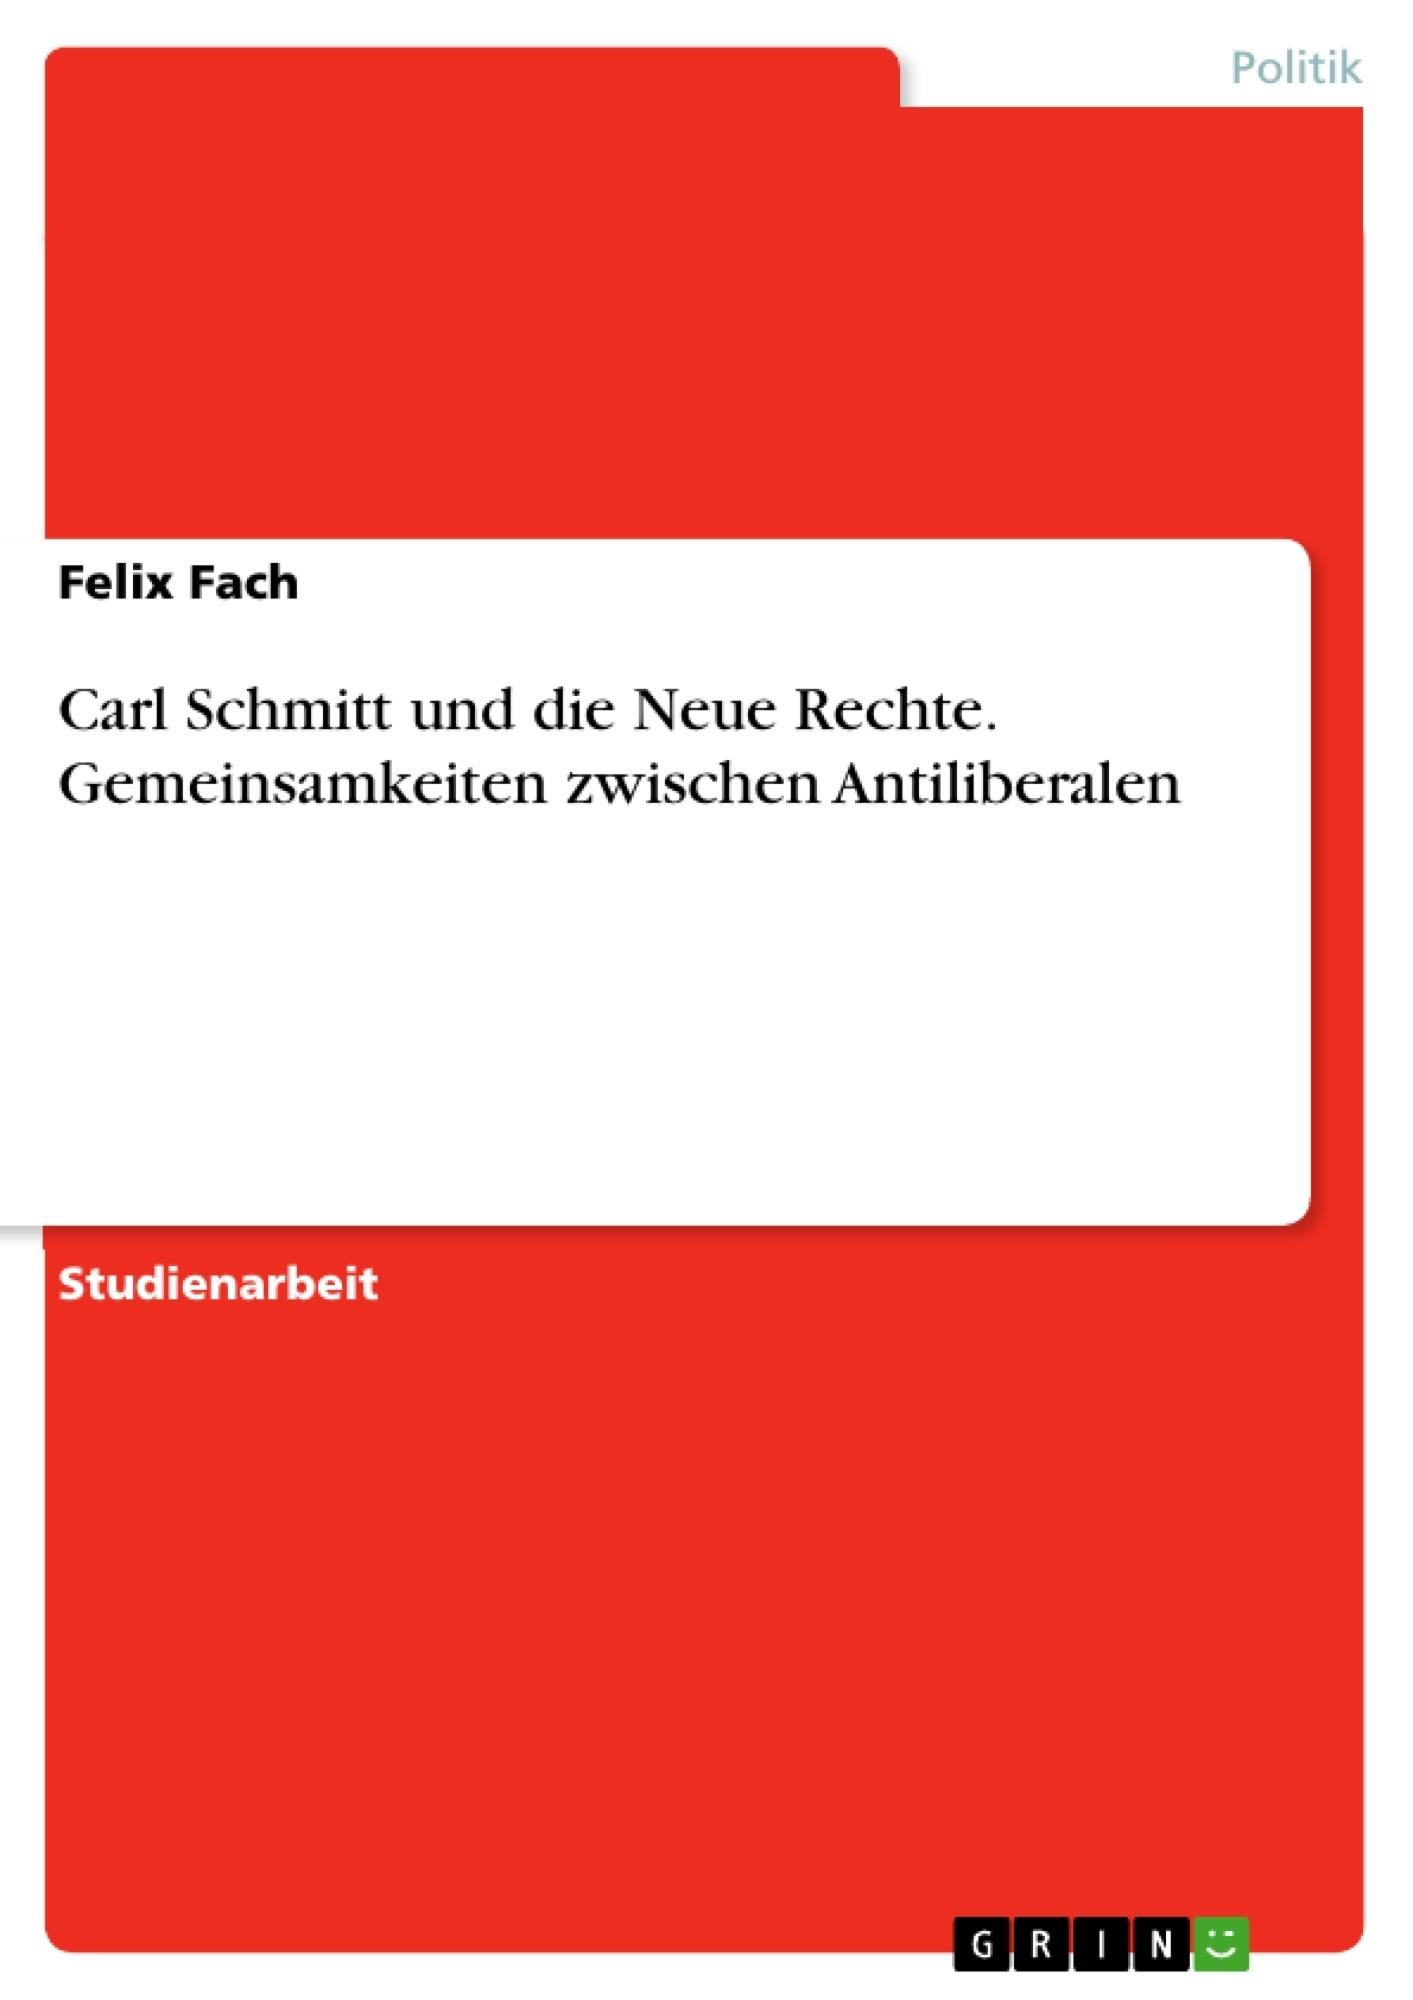 Titel: Carl Schmitt und die Neue Rechte. Gemeinsamkeiten zwischen Antiliberalen